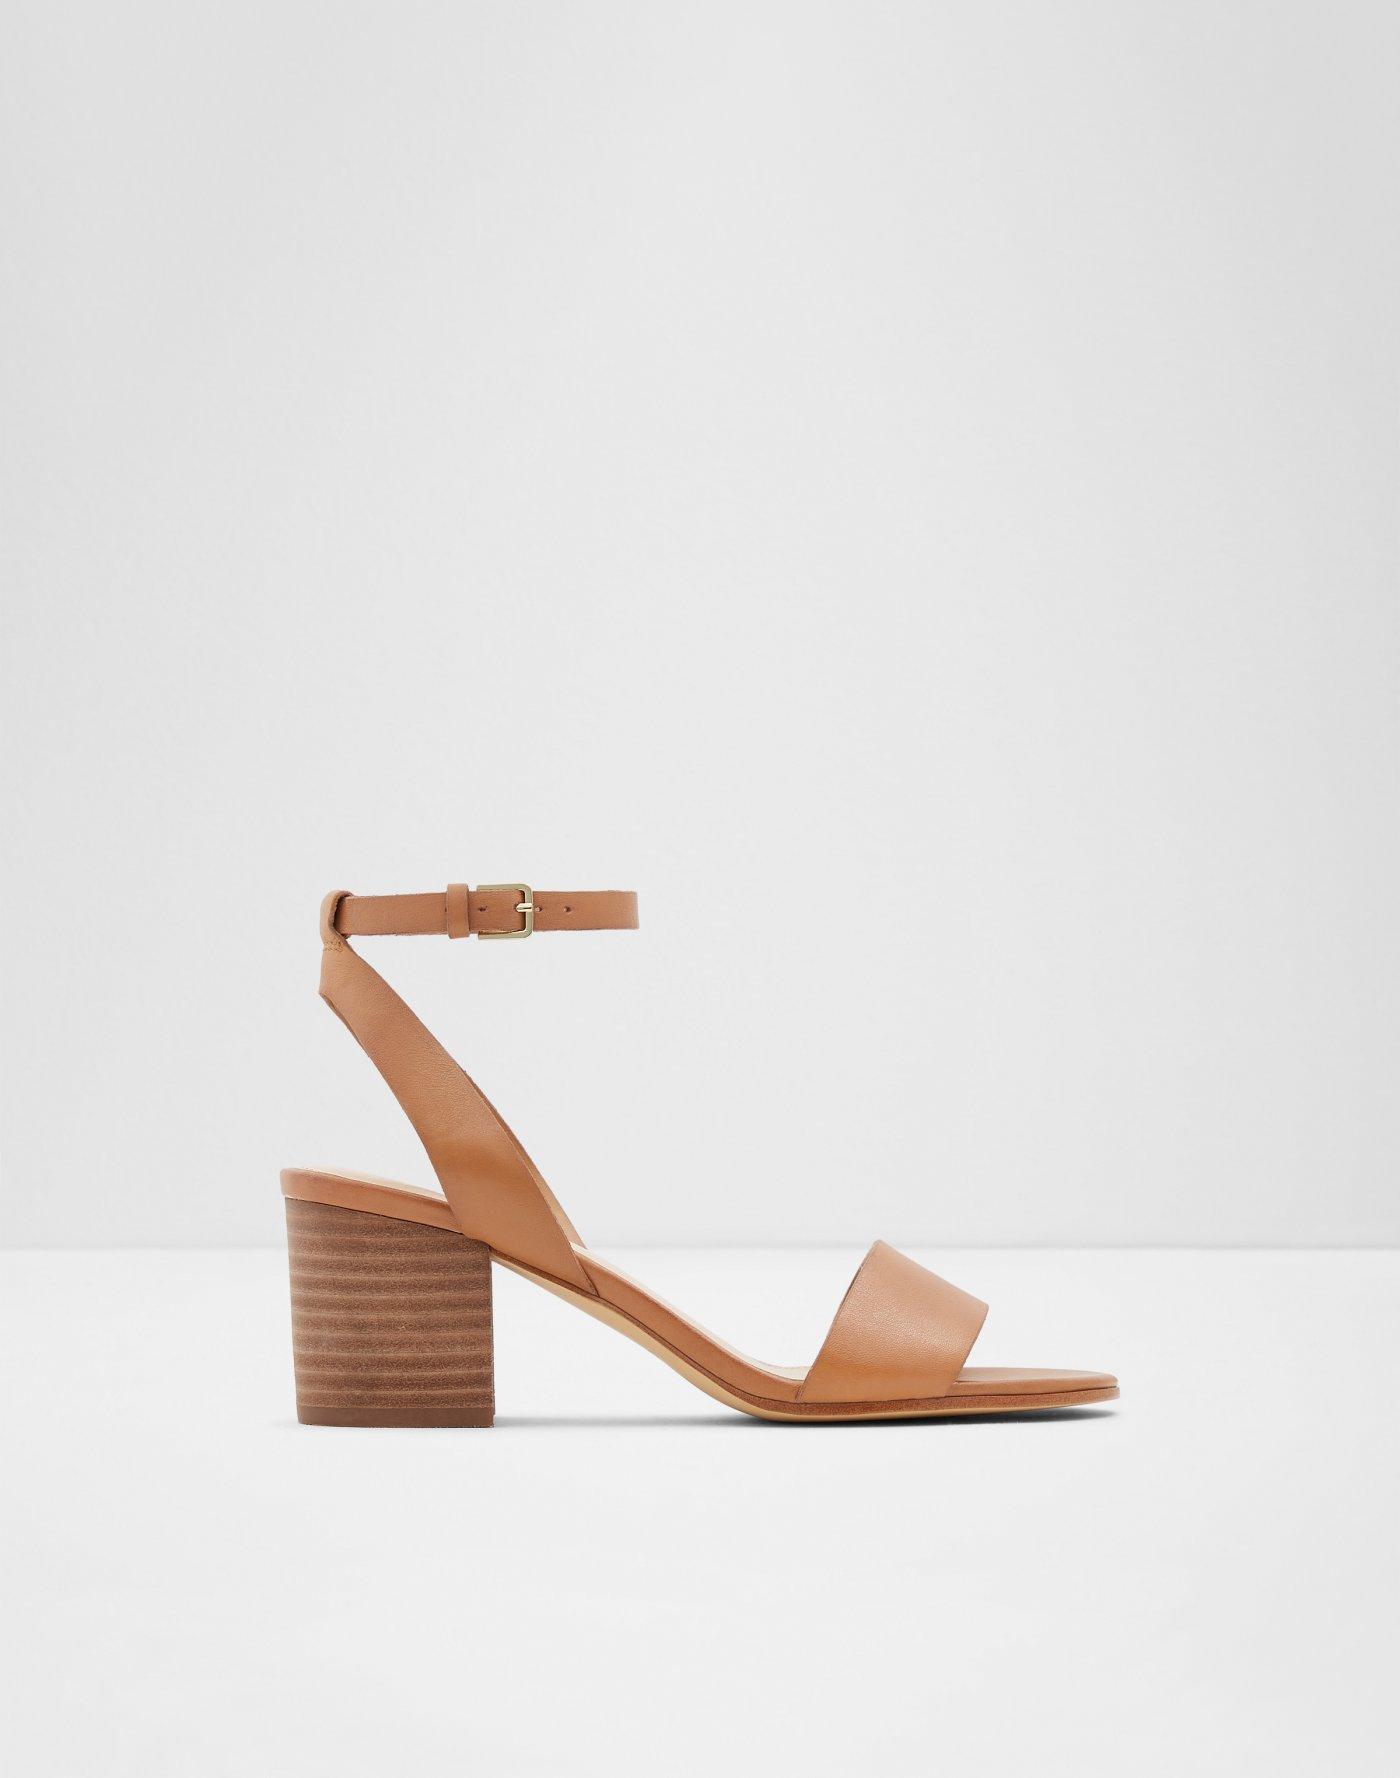 b46e0a0cc6 Heels | ALDO UK